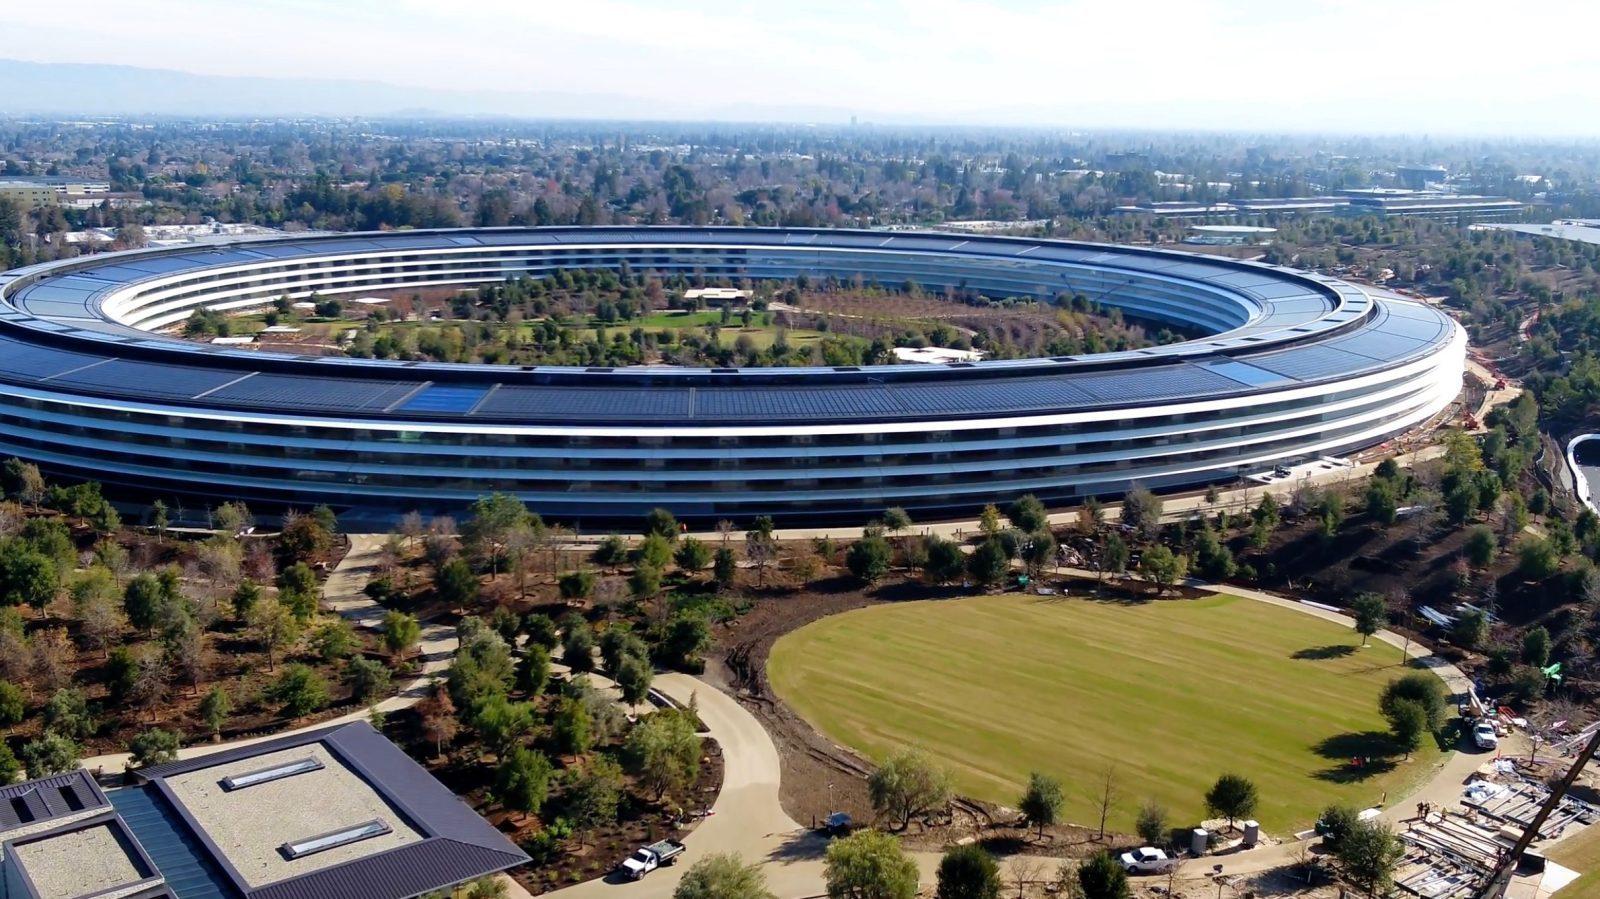 苹果公司宣布关闭零售商店,股票开盘下跌近12%